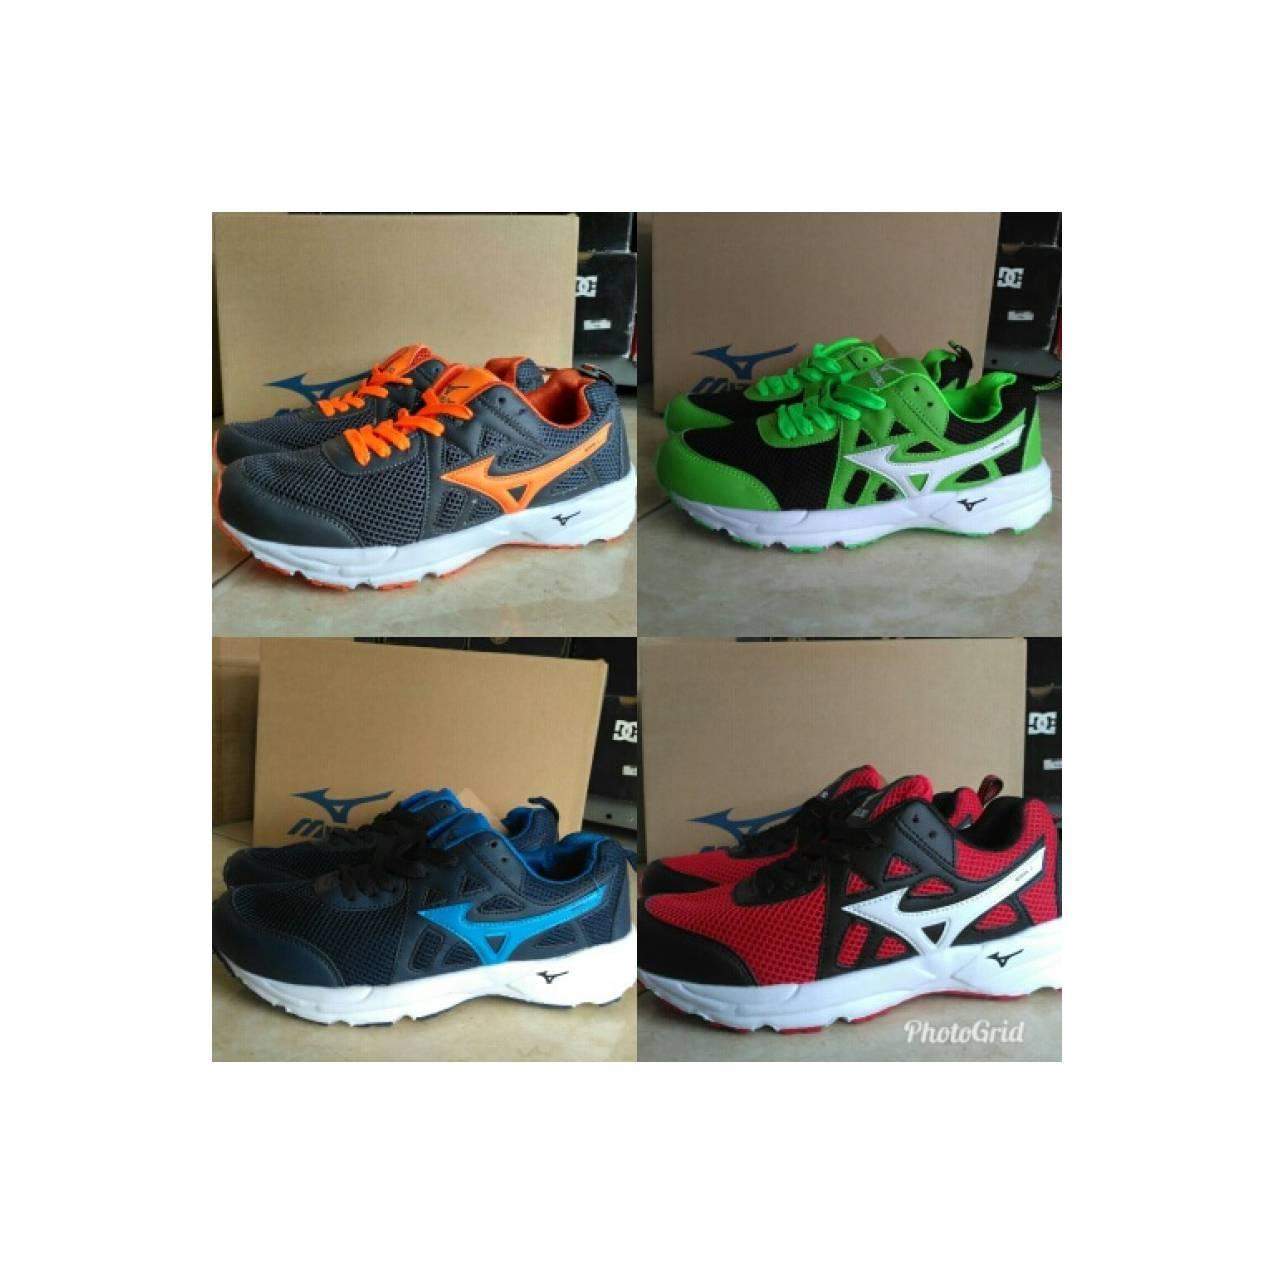 Sepatu olahraga running MIZUNO spark 2